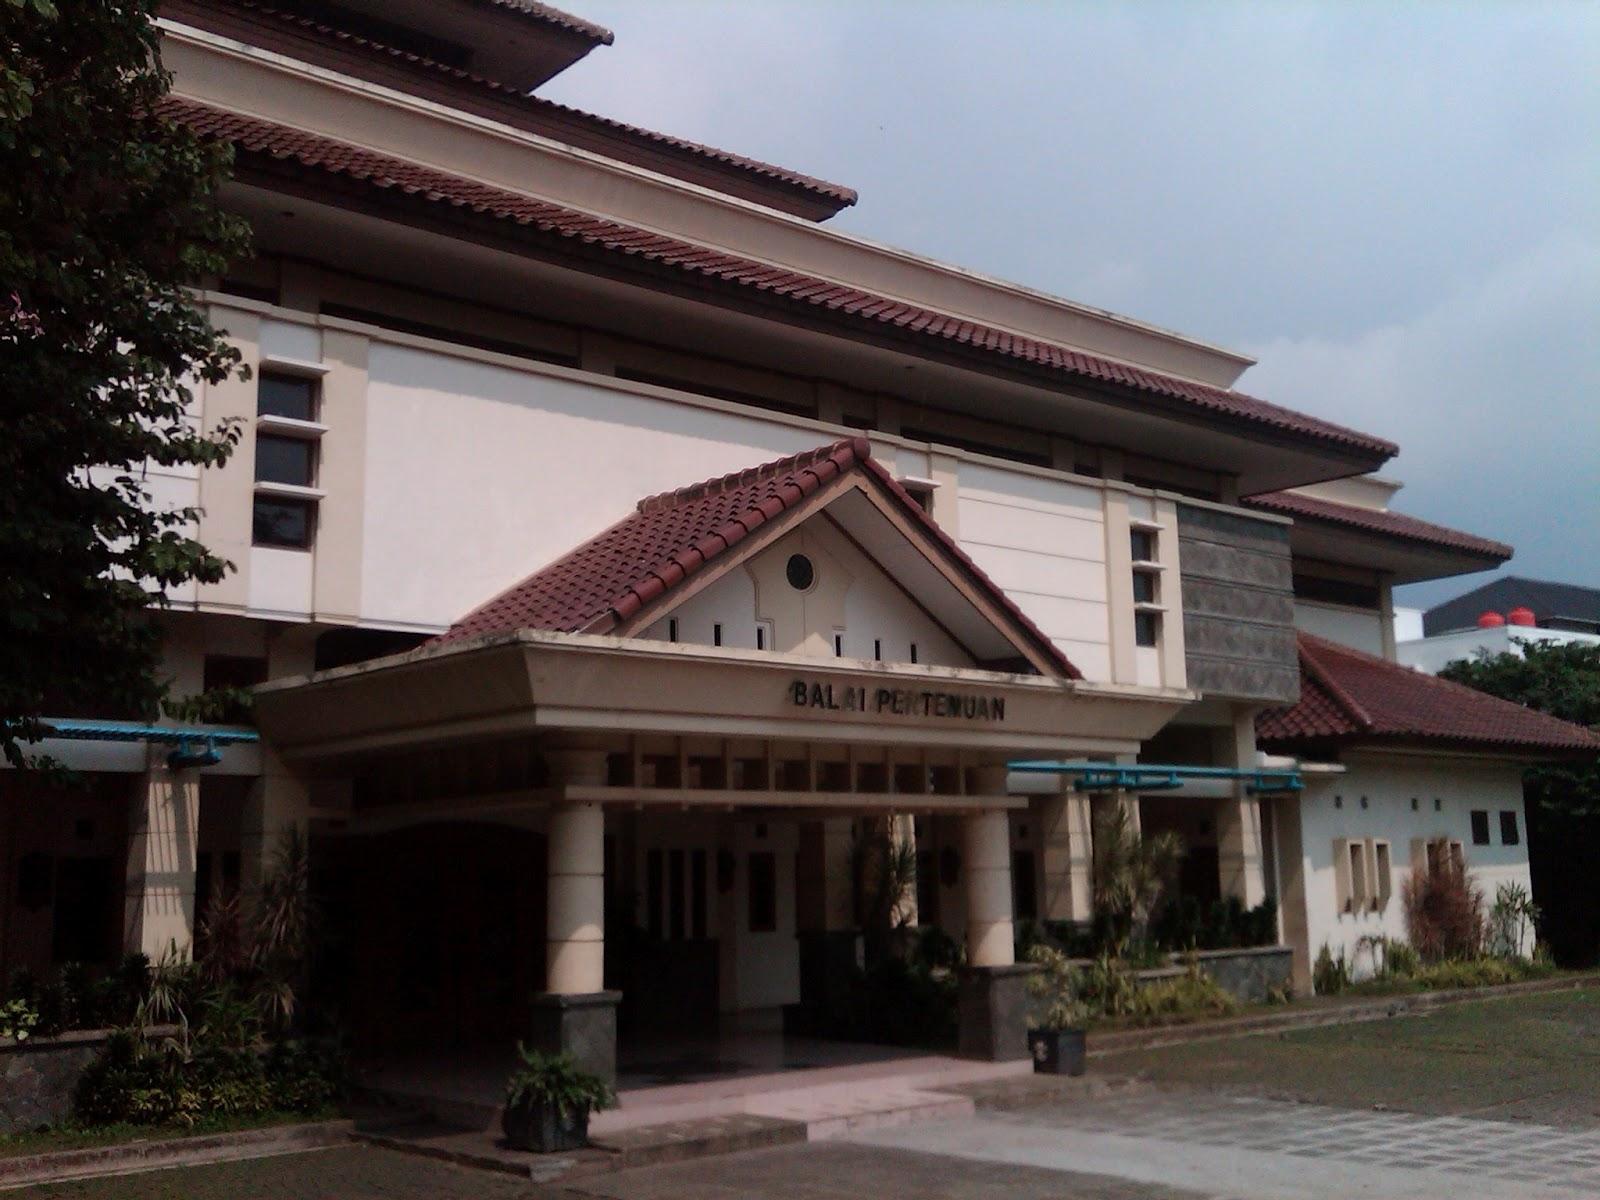 Mengenal Gedung UPI - Balai Pertemuan